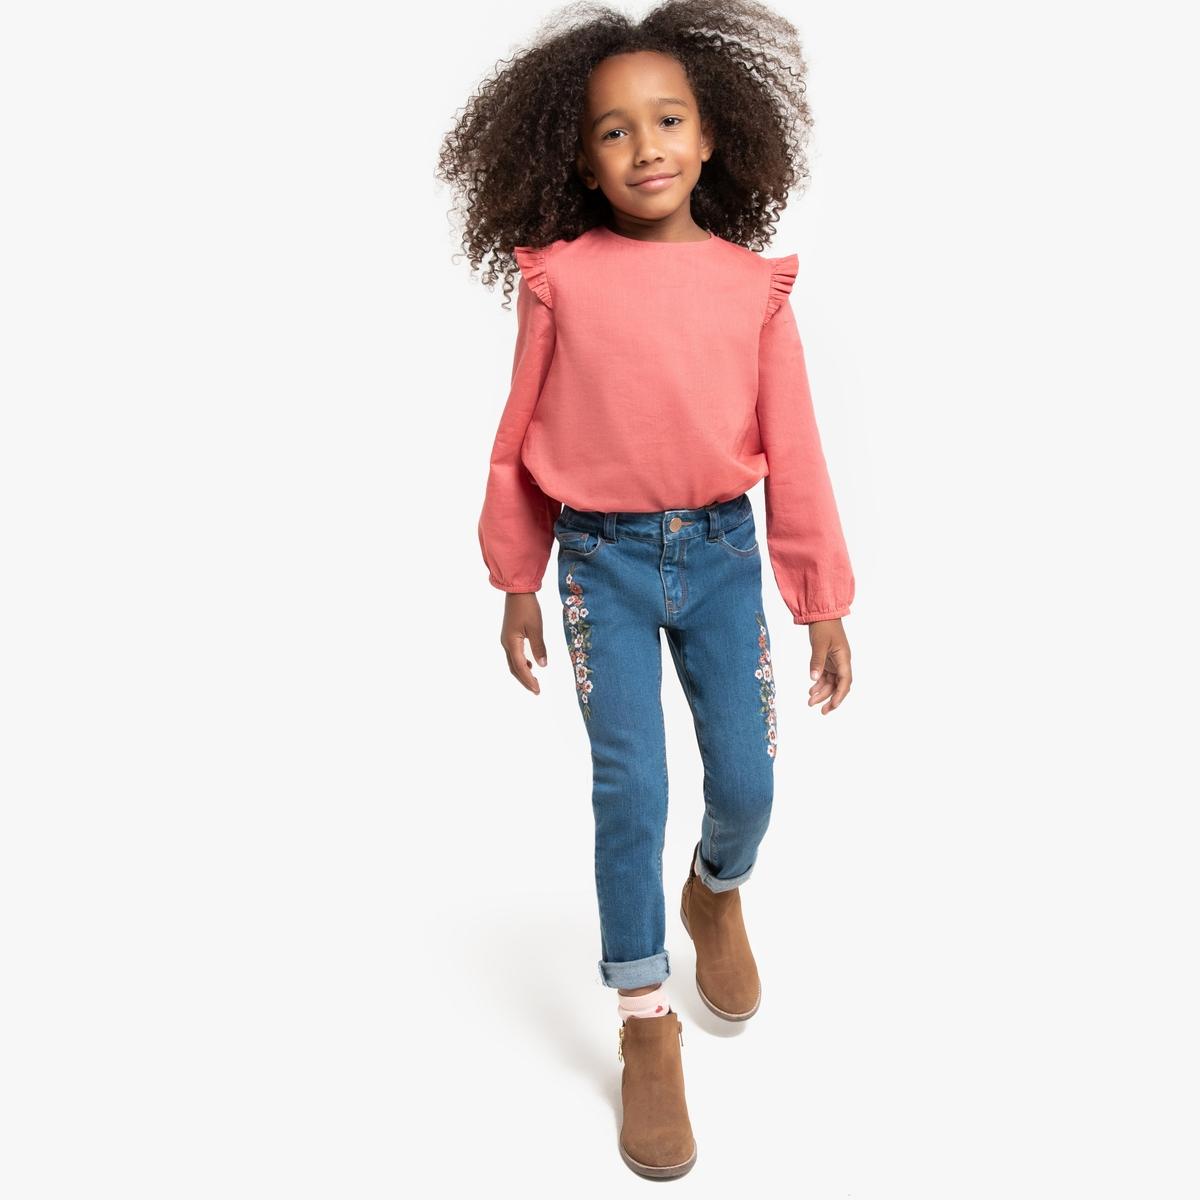 Блузка La Redoute С длинными рукавами с воланами 12 лет -150 см розовый блузка la redoute в полоску с длинными рукавами 12 лет 150 см другие